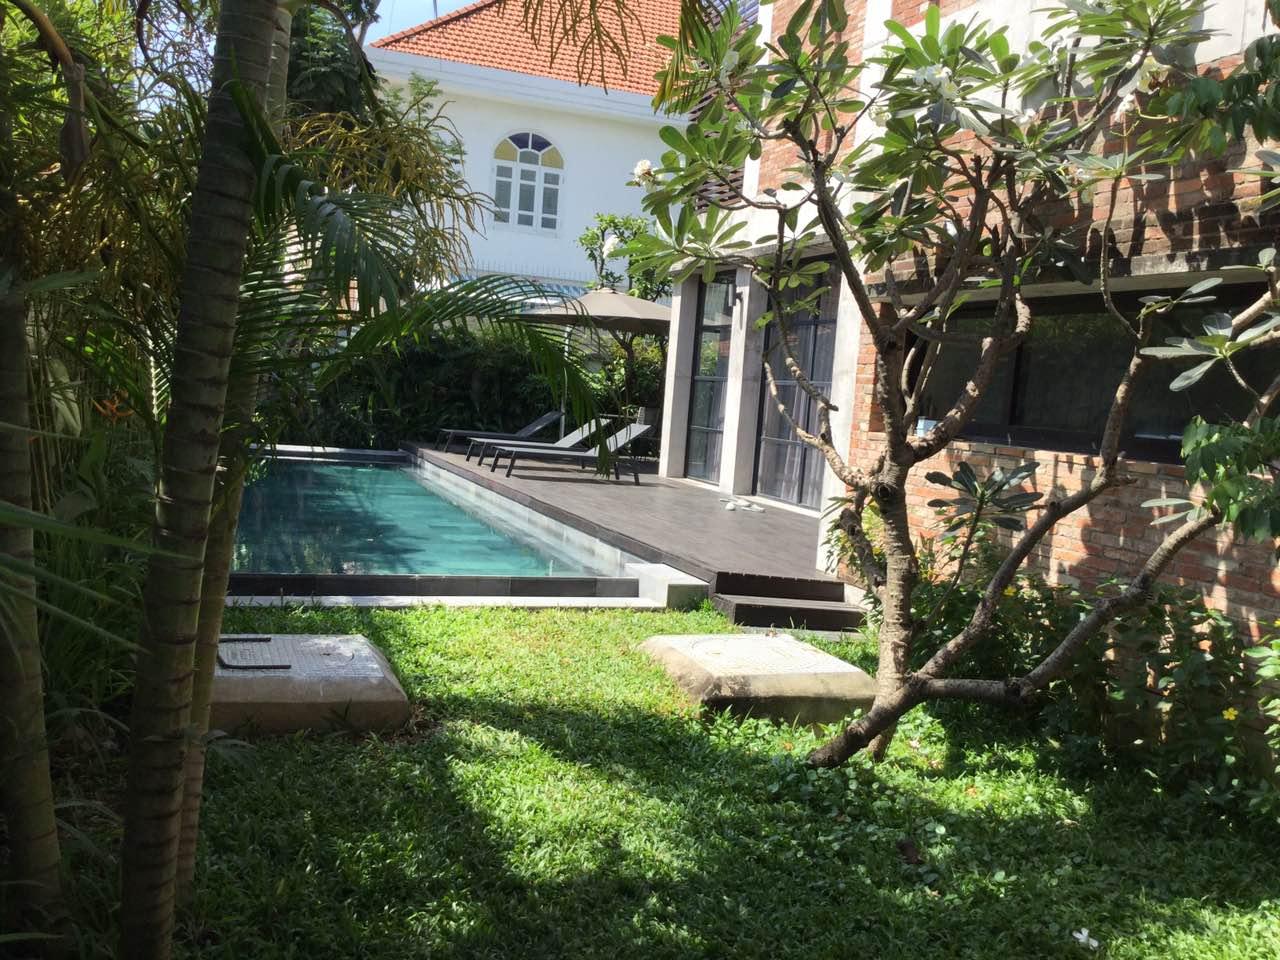 Hình Hồ bơi biệt thự Phú Nhuận Thảo Điền Quận 2